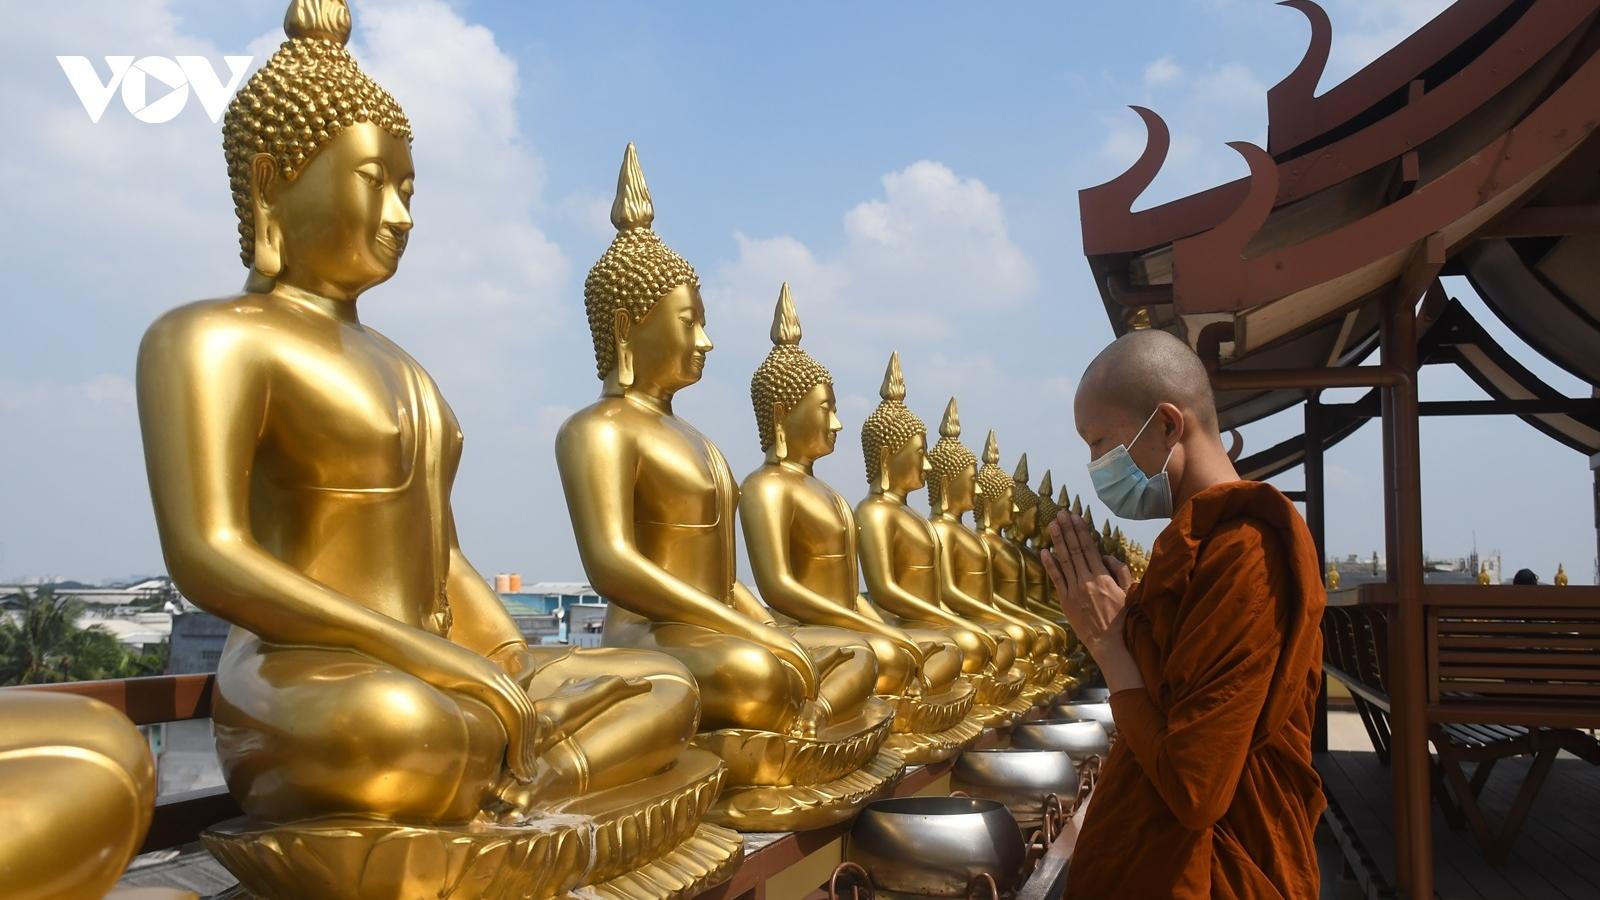 Tu viện Thái giữa Hồi quốc Indonesia - biểu tượng của khoan dung và hòa hợp tôn giáo